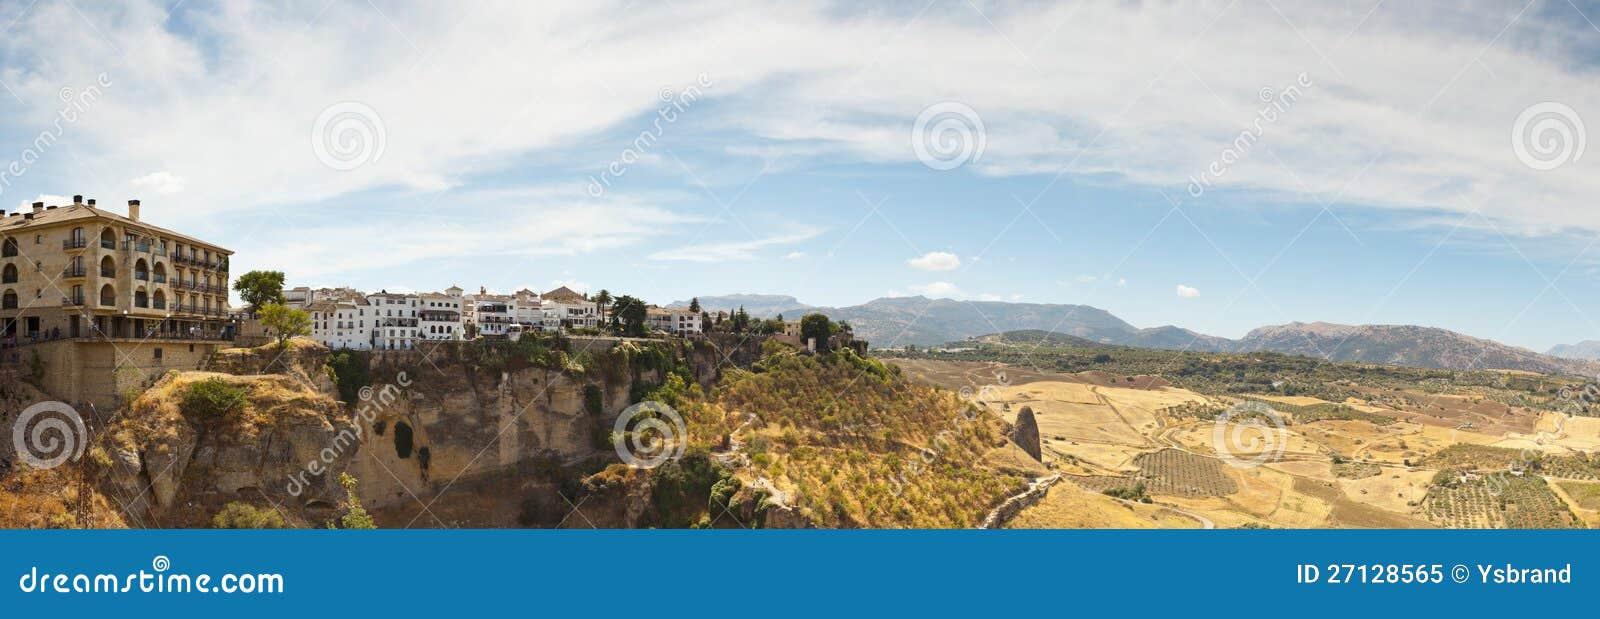 Όμορφη πανοραμική φωτογραφία της πόλης Ronda.